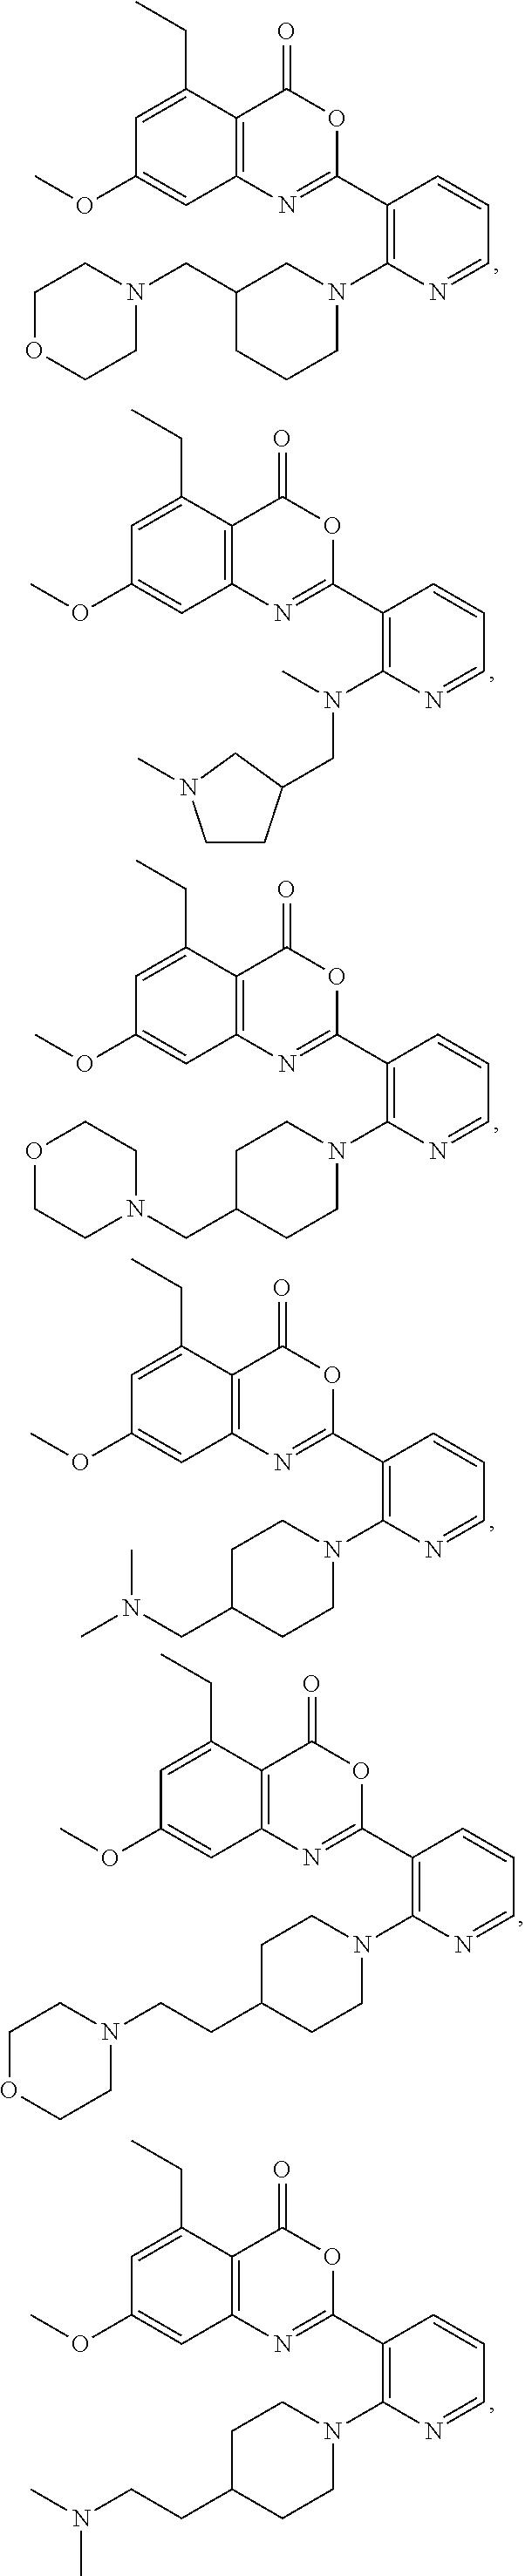 Figure US07879846-20110201-C00416